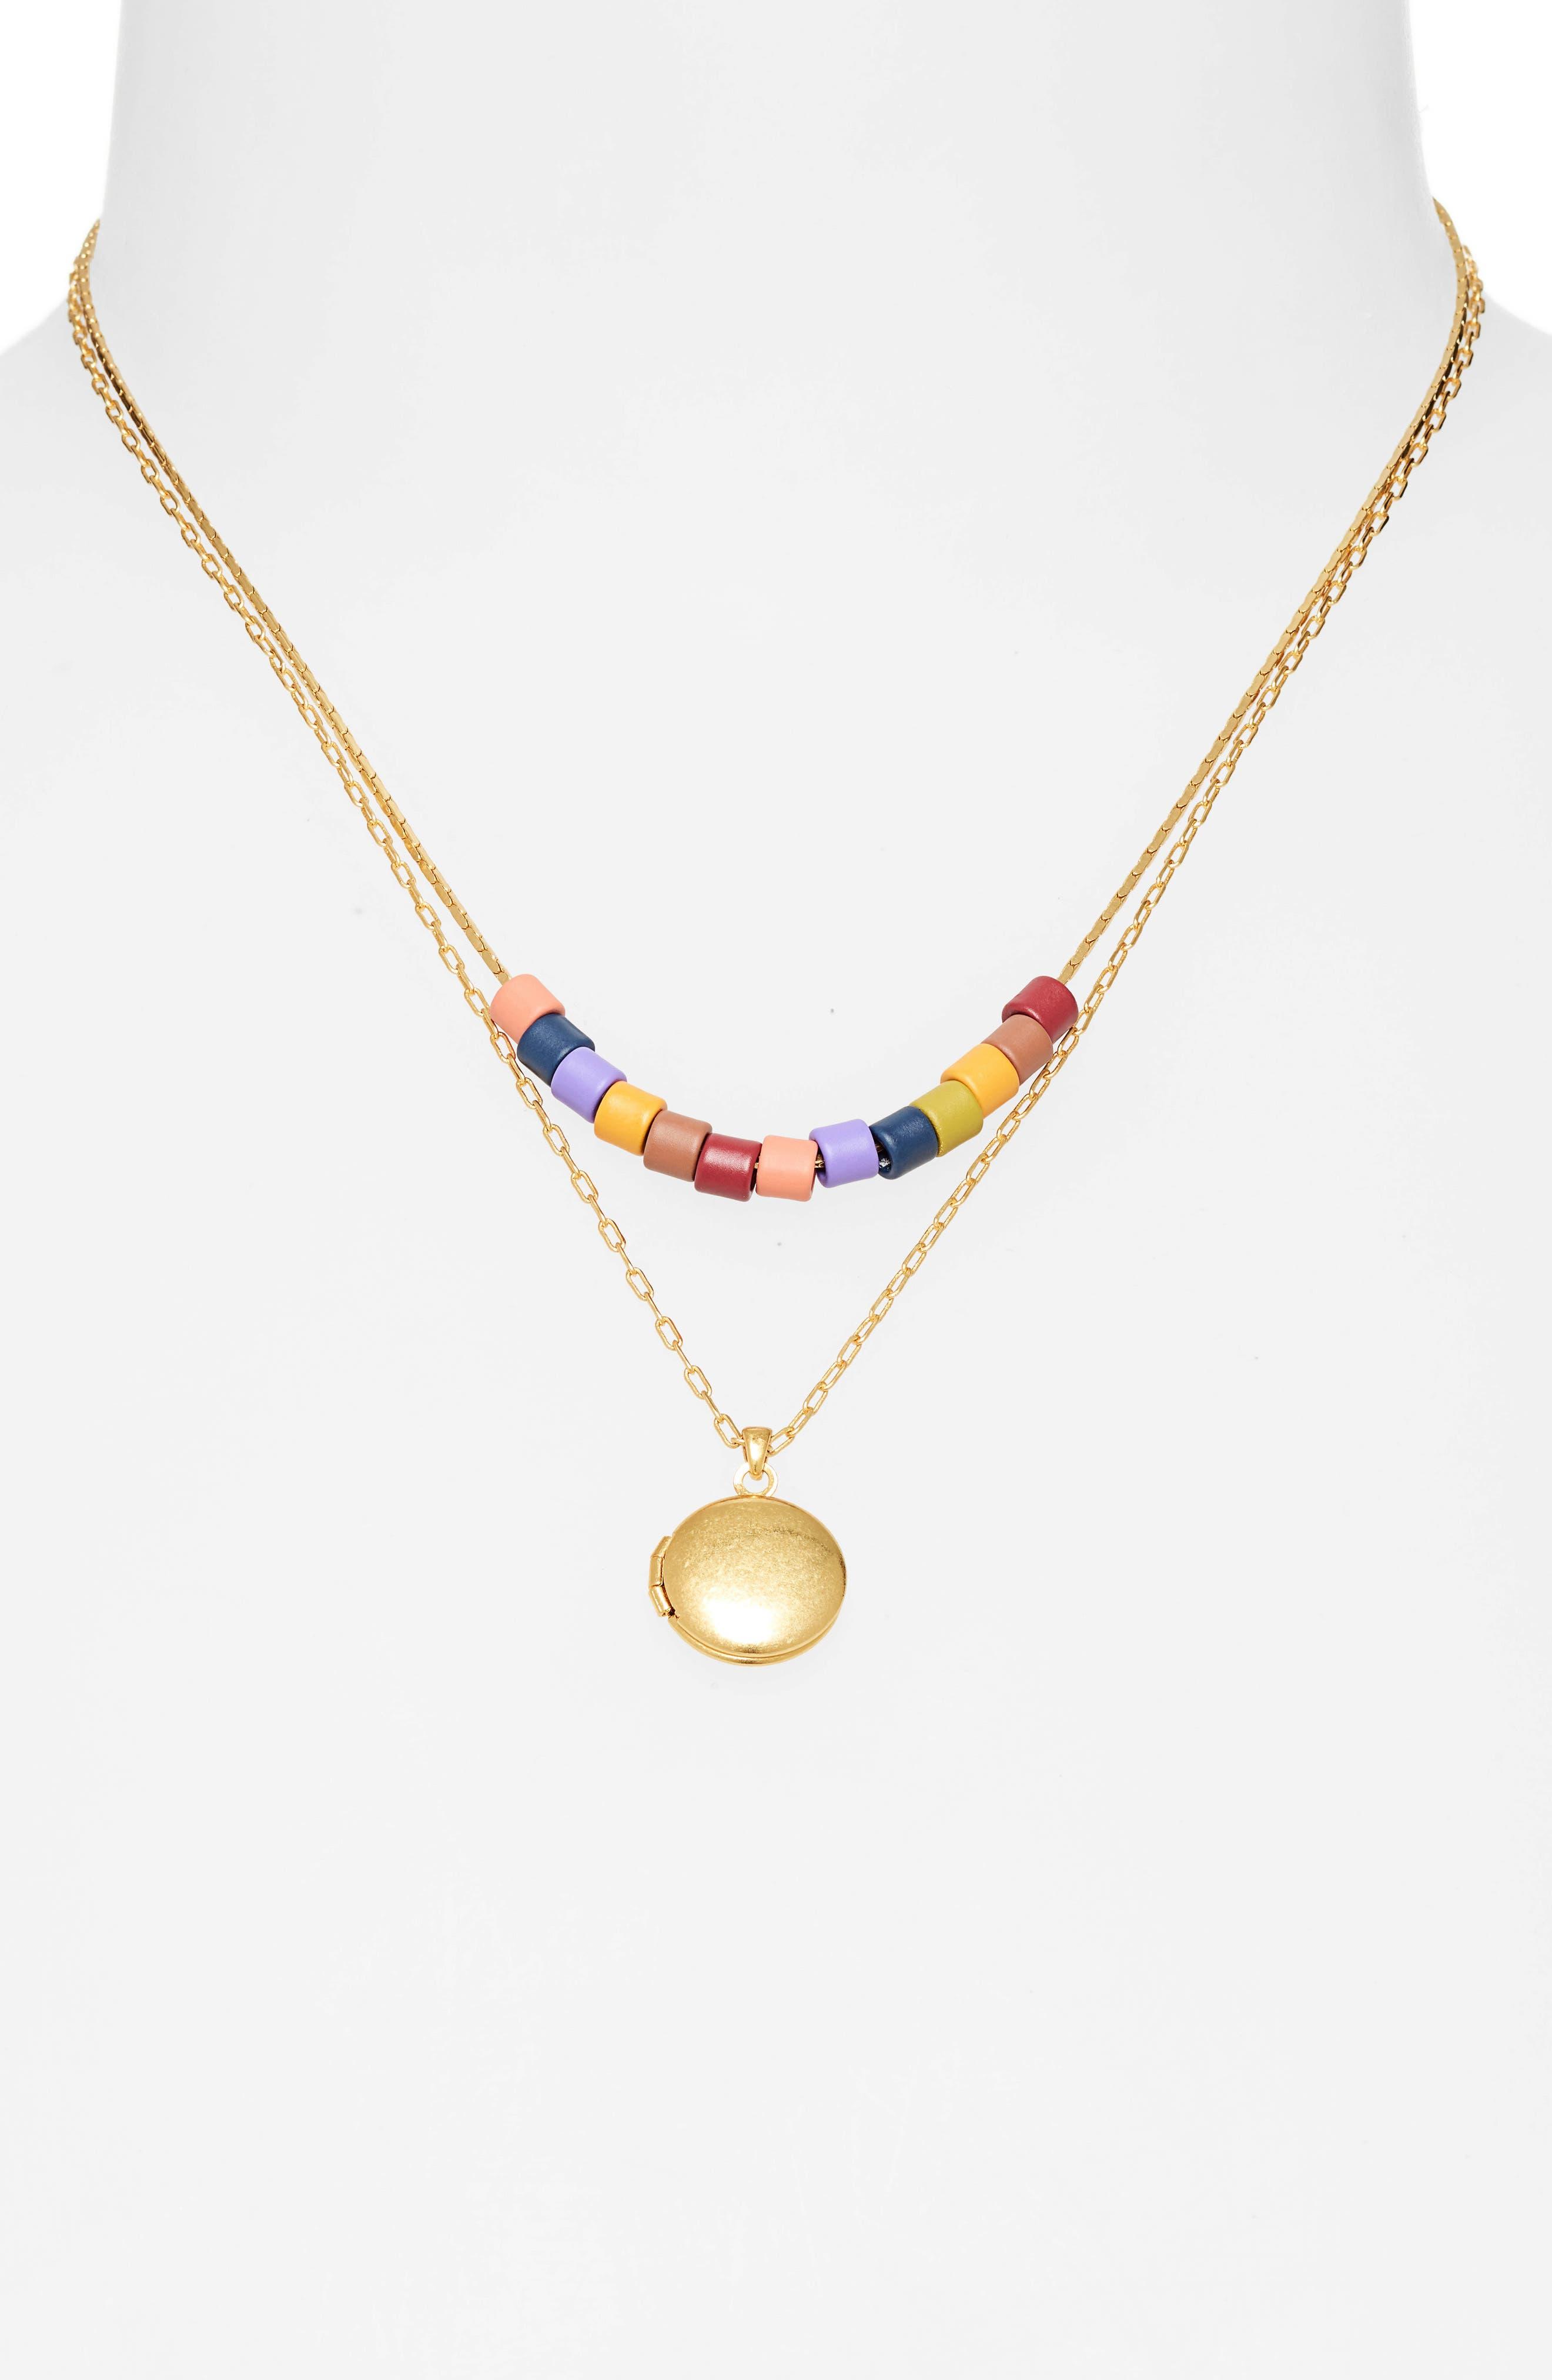 MADEWELL, Set of 2 Rainbow Beaded Locket Necklaces, Alternate thumbnail 2, color, RAINBOW MULTI